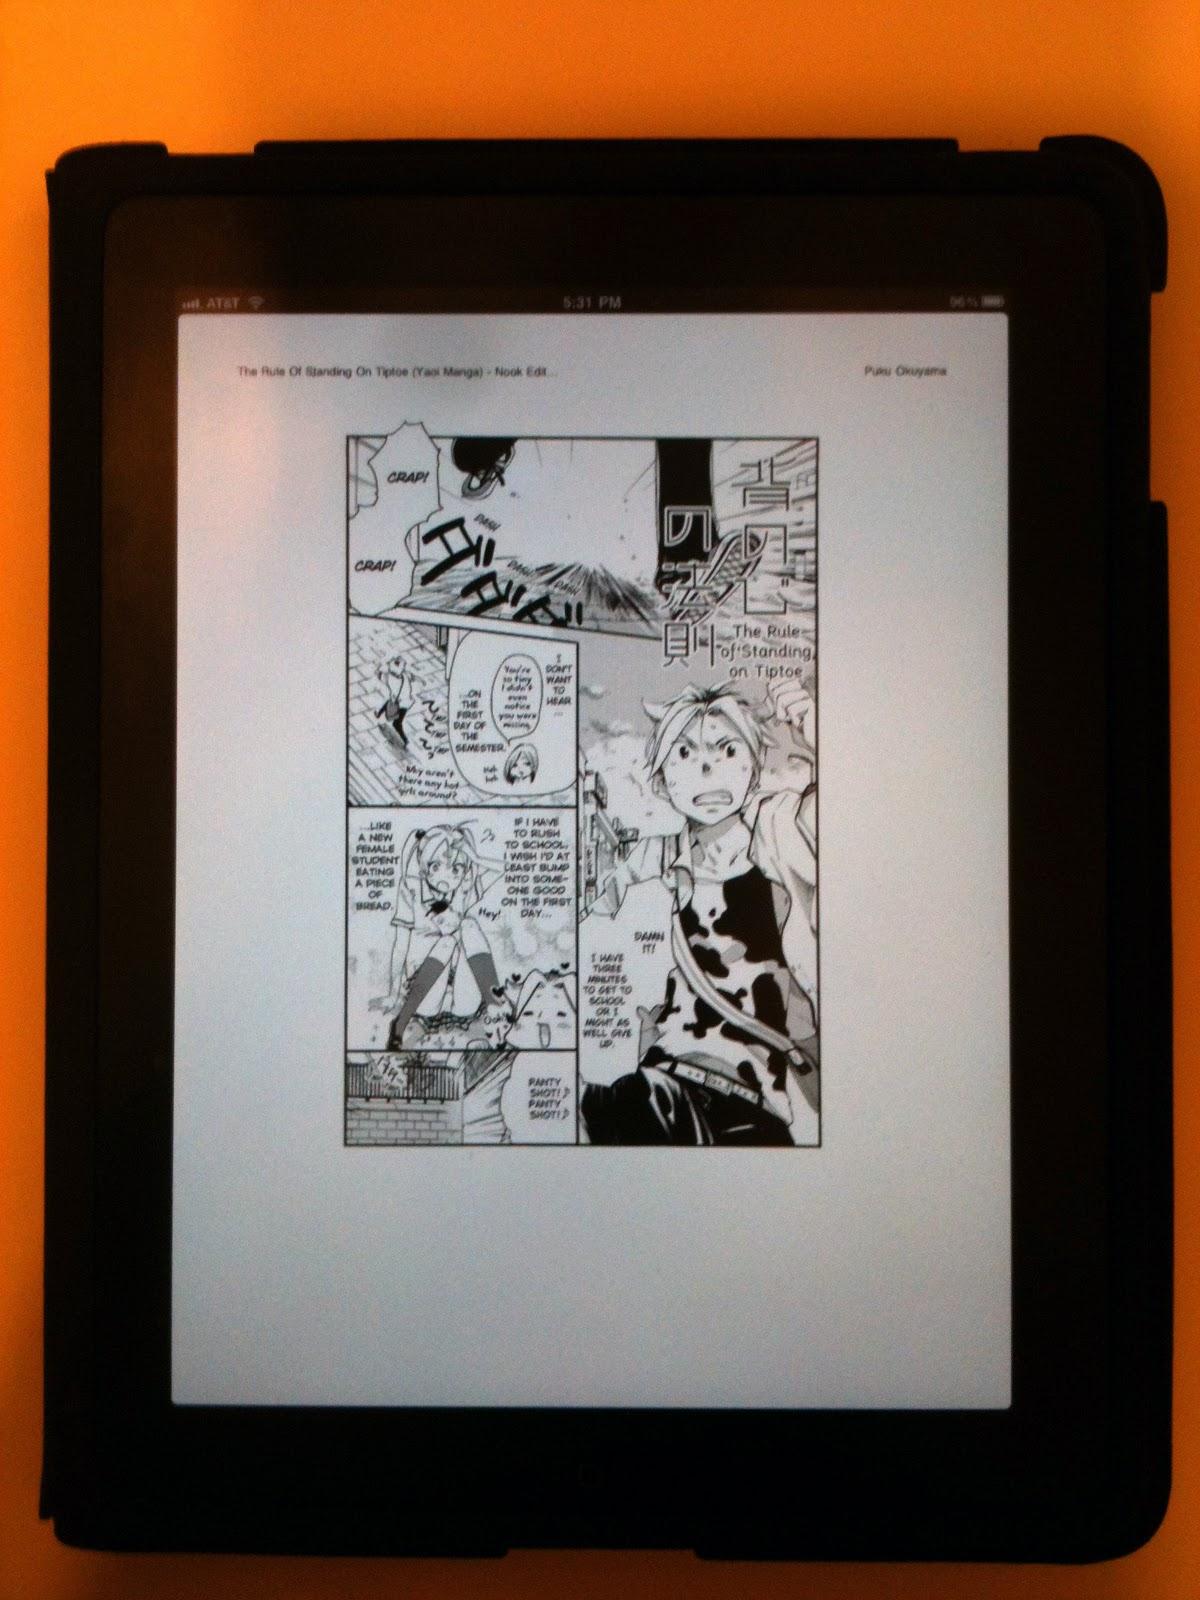 Kindle Vs Sony Reader: DMG Titles: Kindle Vs. Nook Vs DMP App